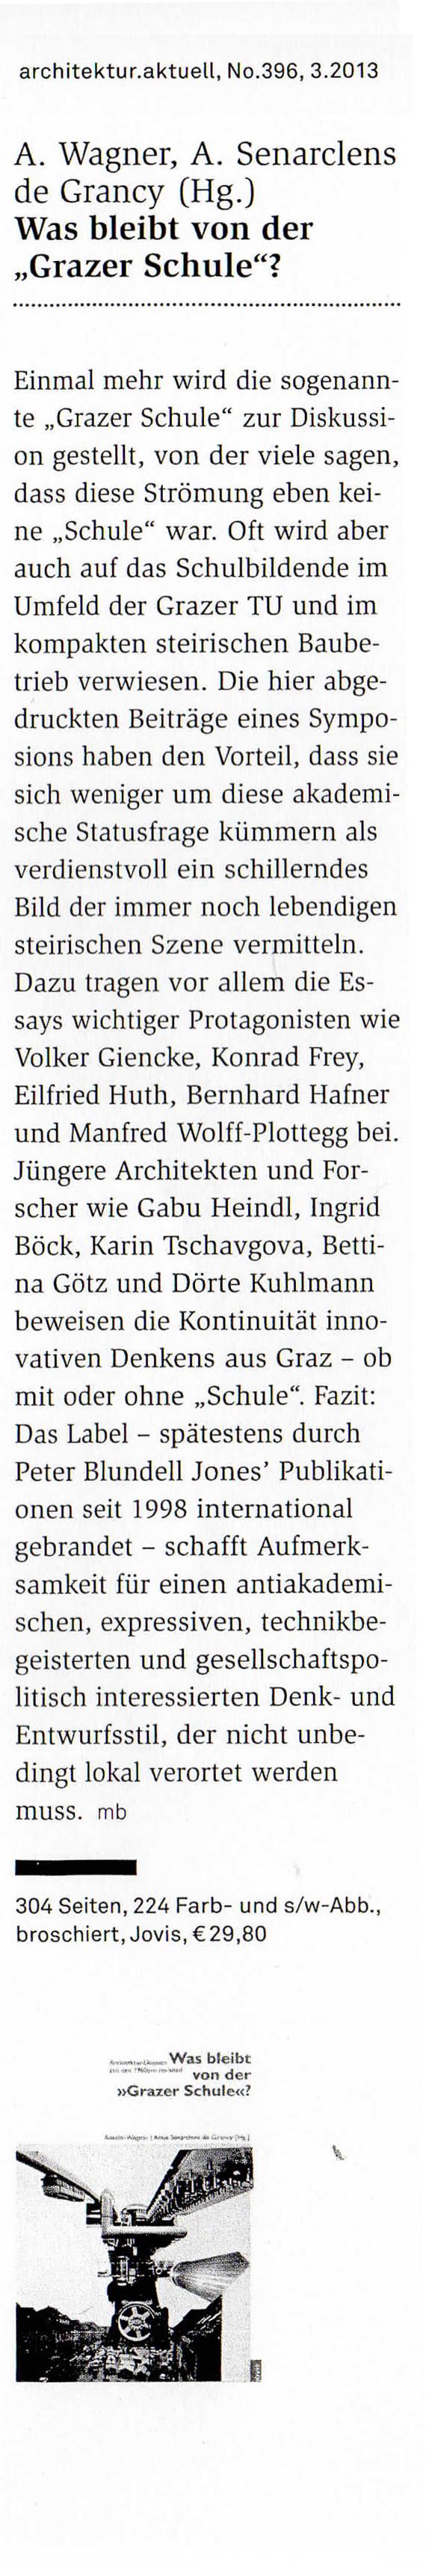 """Link zu Boeckl, Matthias: <i>""""Was bleibt von der Grazer Schule?&#8220;</i>, in: architektur.aktuell, No.396, 03.2013"""